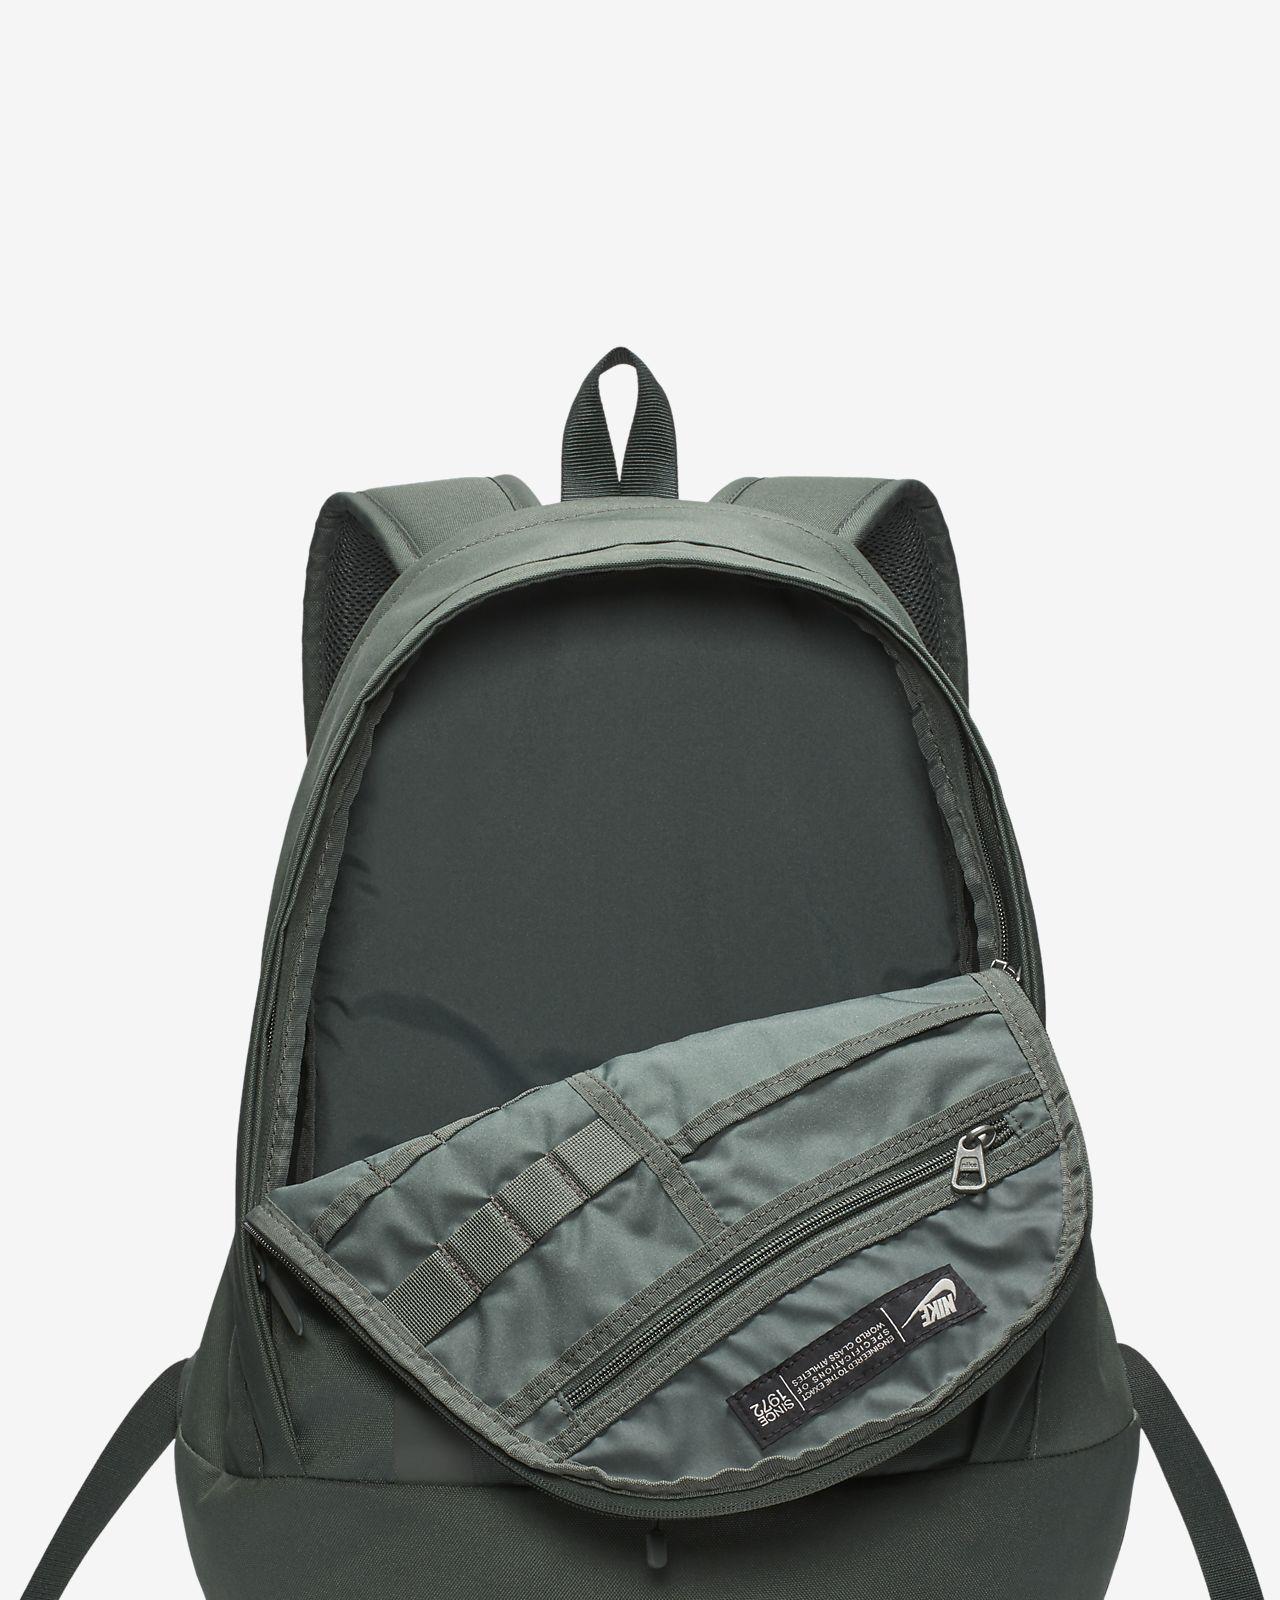 0c0bac32a4 Nike Sportswear Cheyenne 3.0 Solid Backpack. Nike.com GB